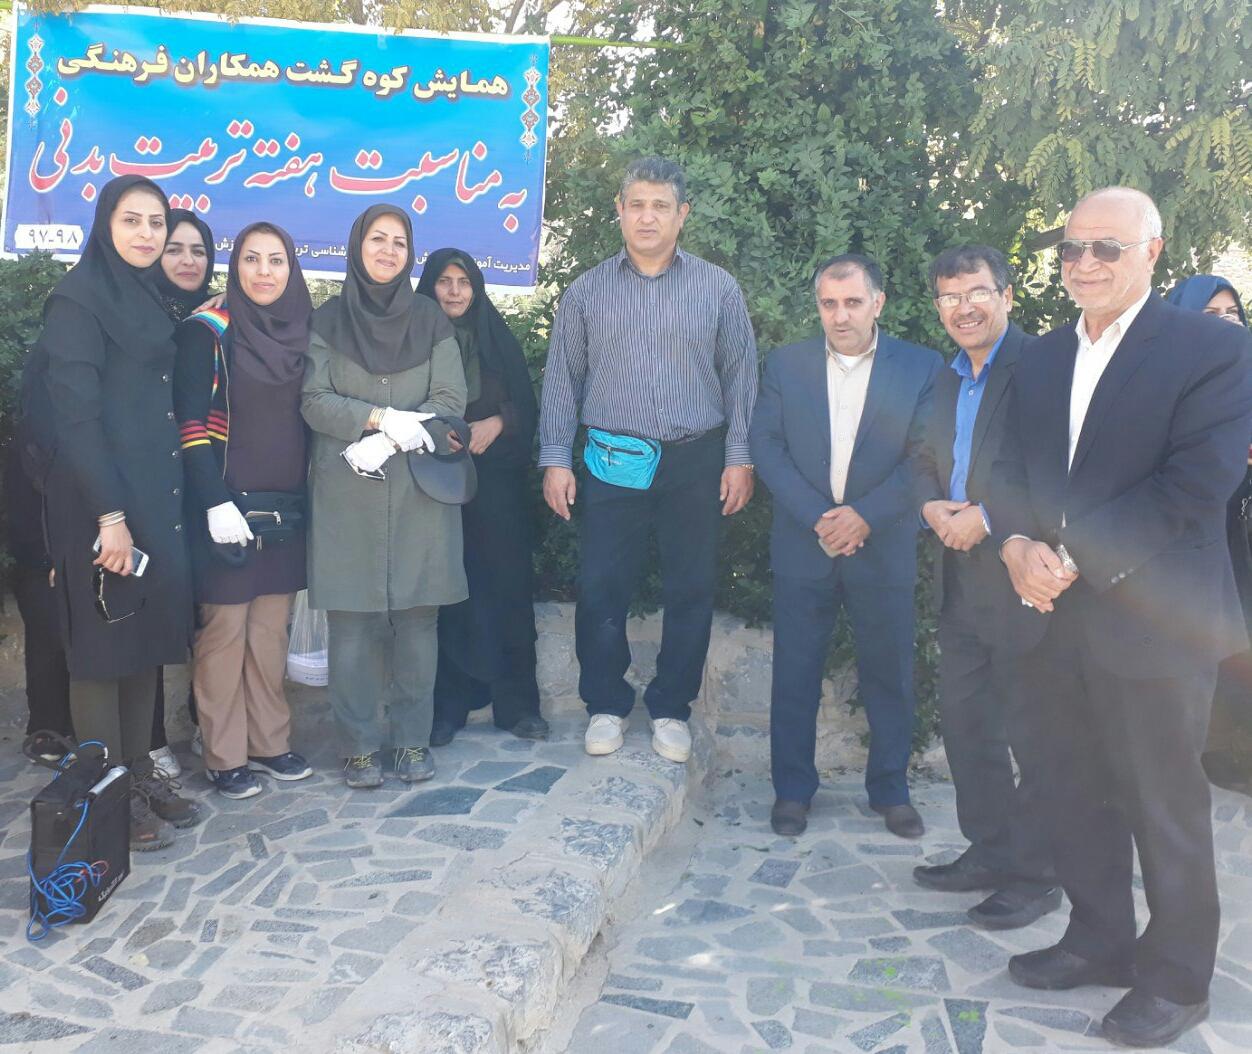 همایش کوهگشت بانوان فرهنگی نجف آباد به مناسبت هفته ی تربیت بدنی سال تحصیلی ۹۸-۹۷